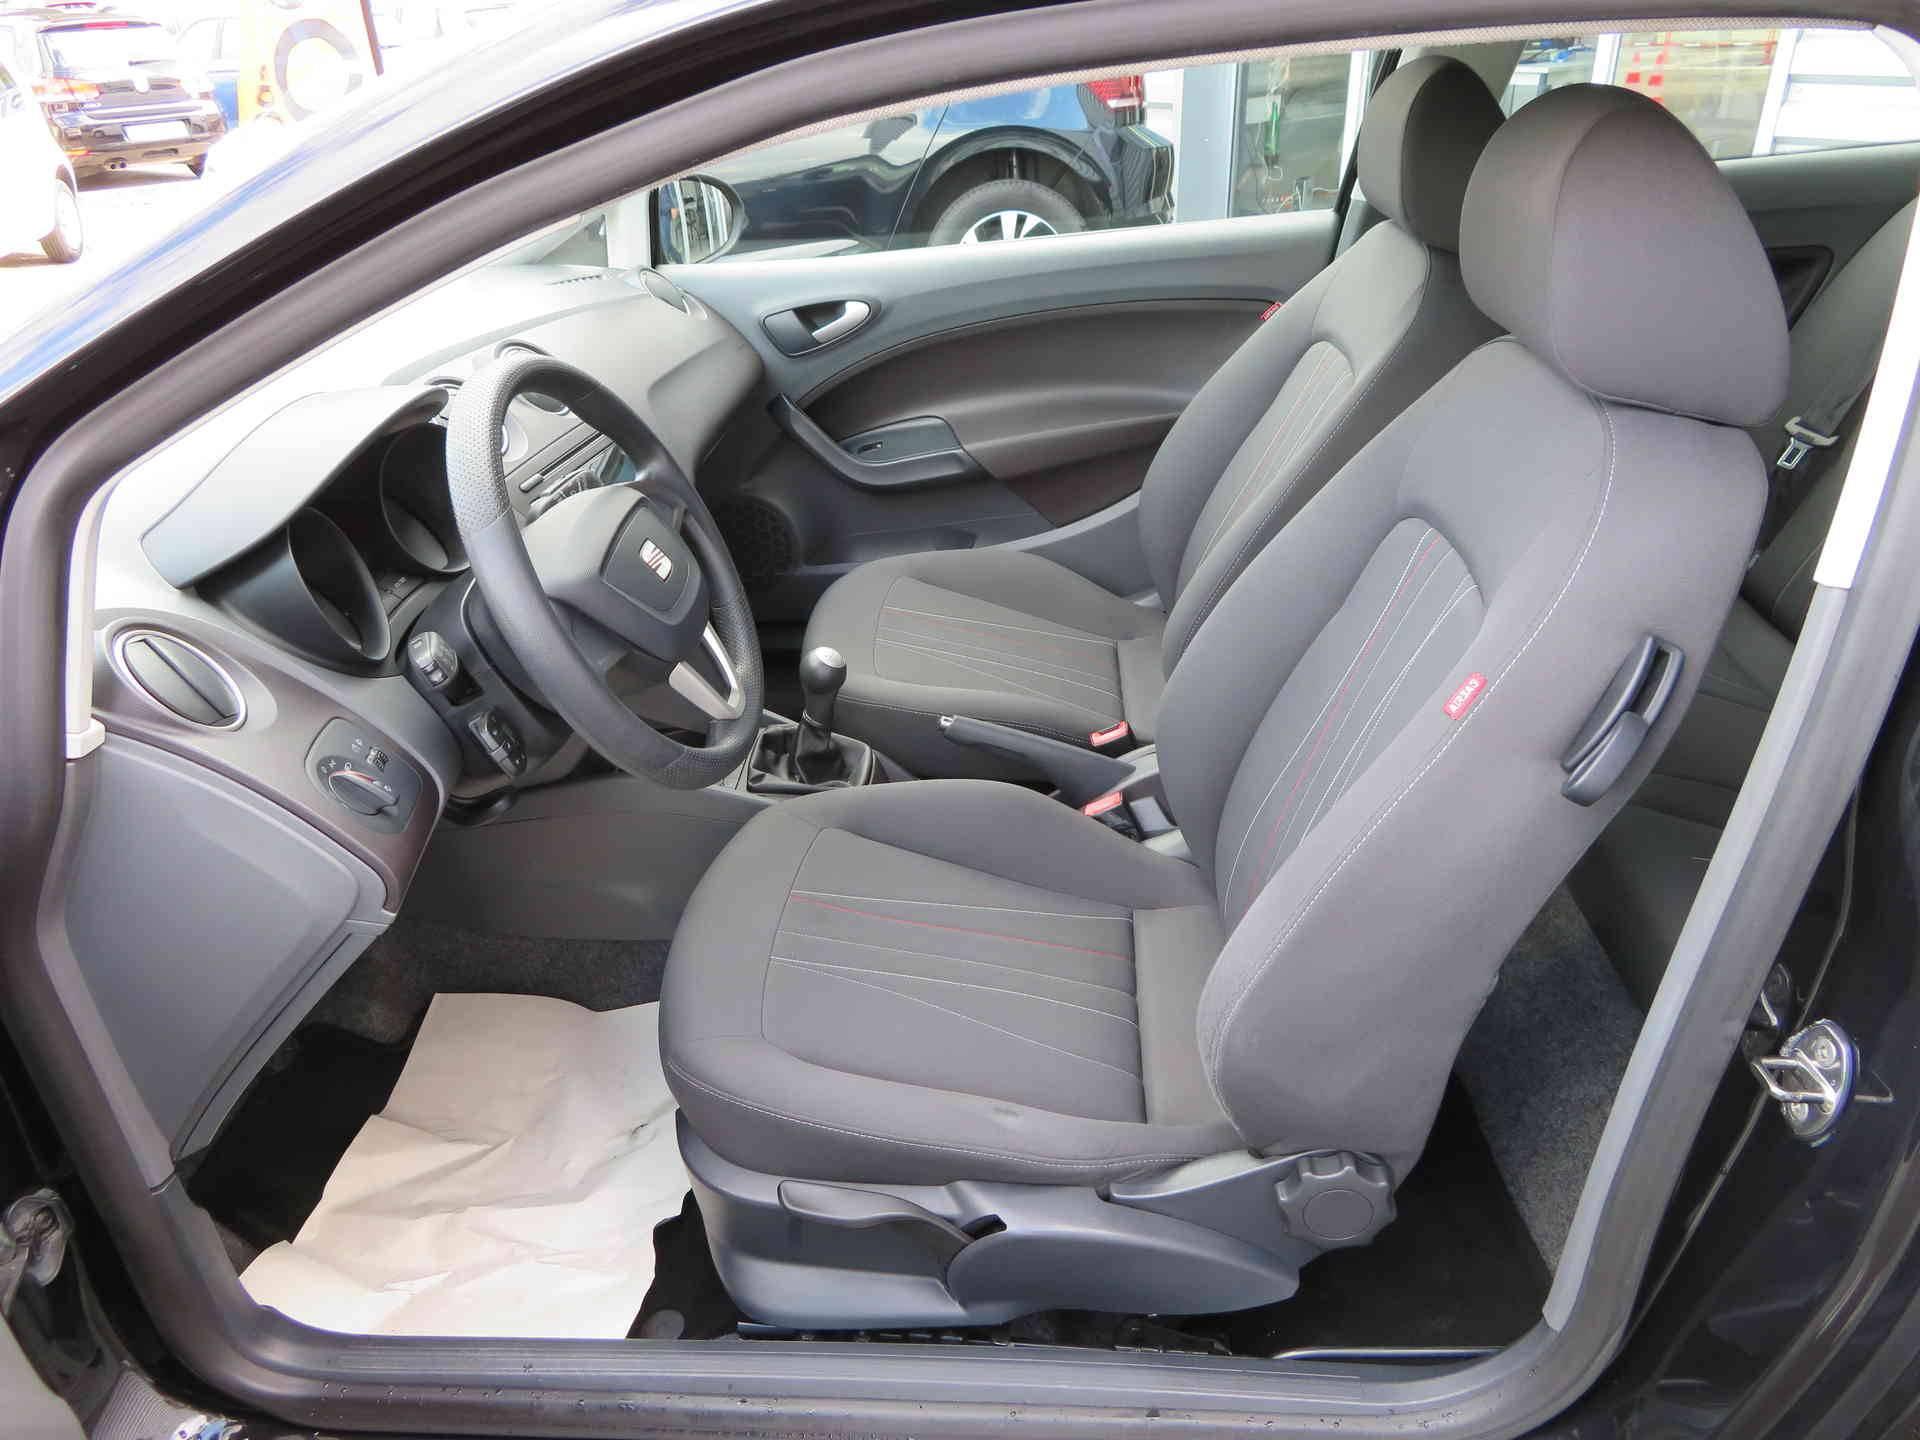 5 - Ibiza SC 1.4i 16V 85